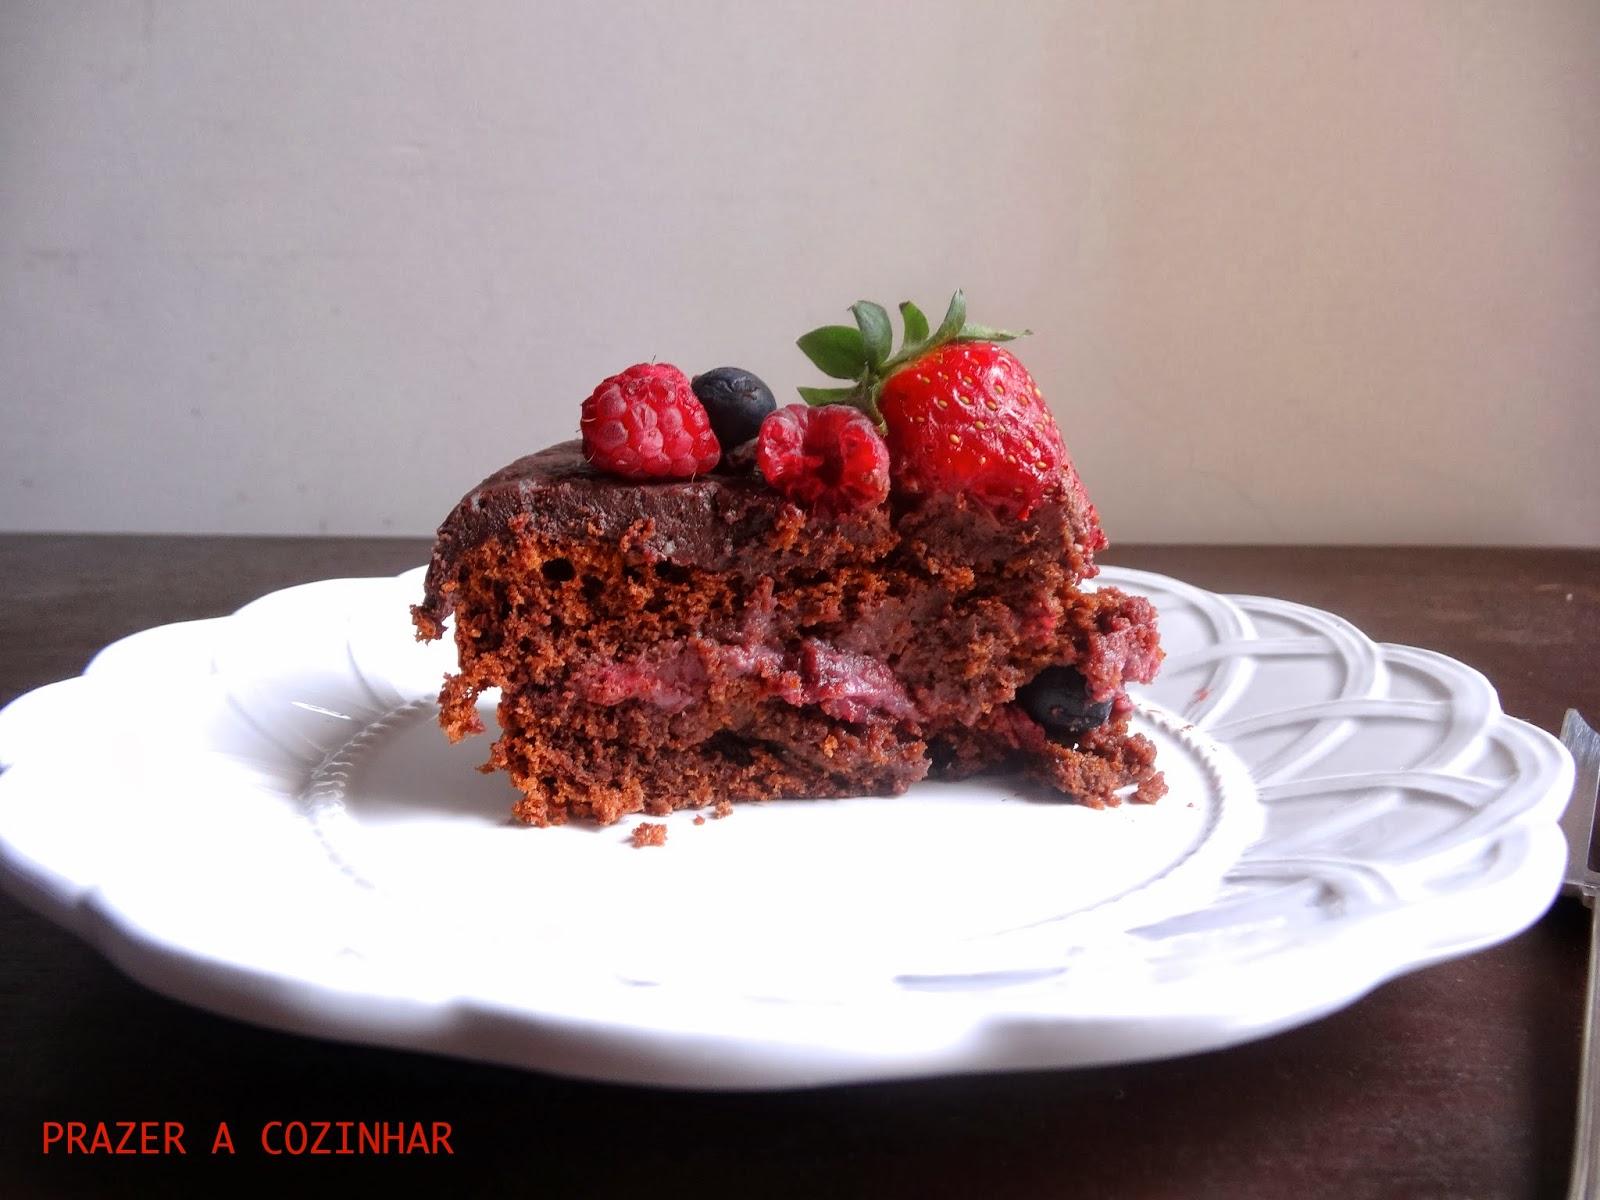 prazer a cozinhar - Bolo de chocolate com recheio de frutos vermelhos